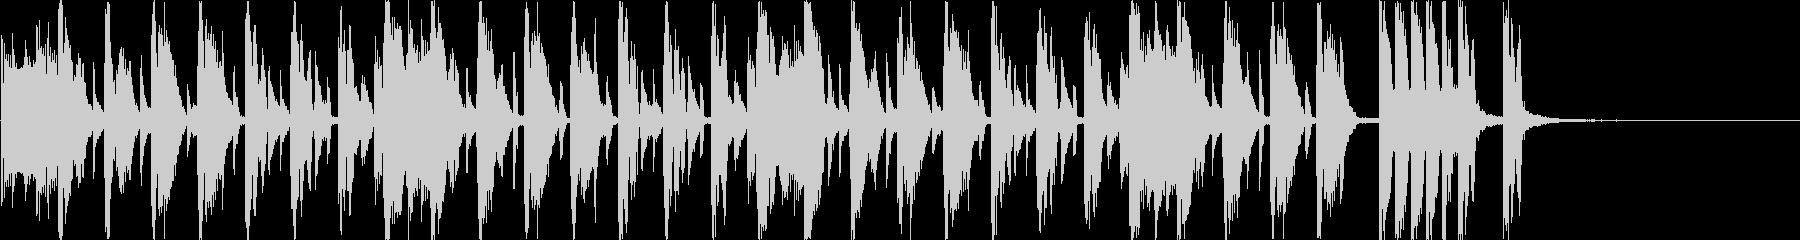 ハッピーな雰囲気のジングルv2(20秒)の未再生の波形